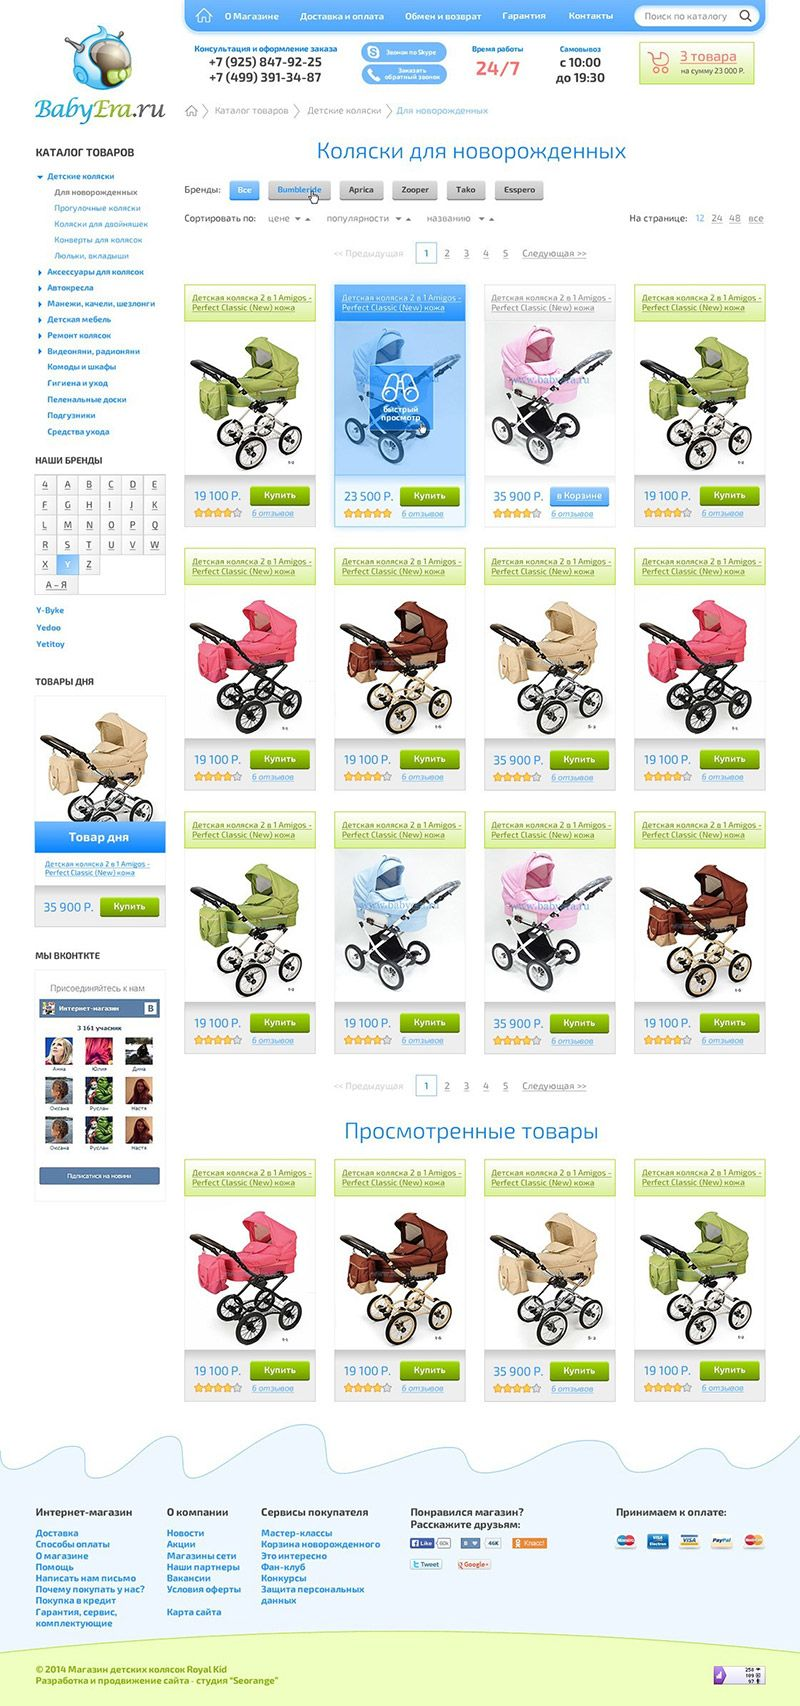 Дизайн категории товаров BabyEra